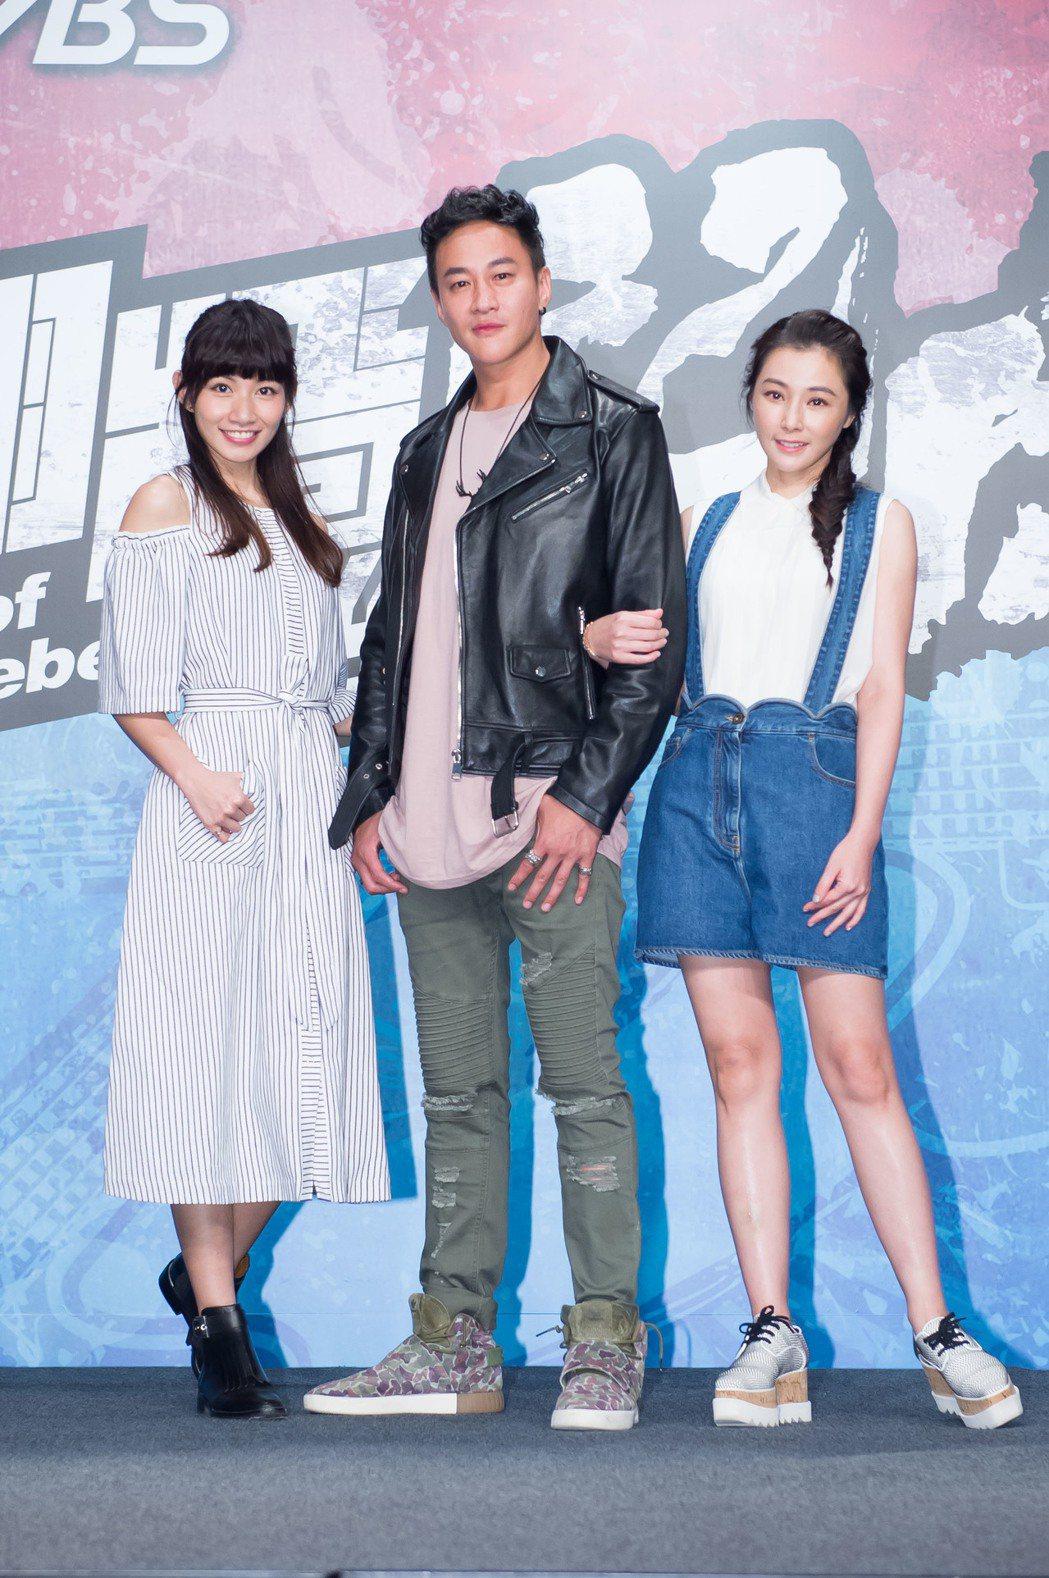 陳怡蓉(右起)、何潤東、李千娜出席「翻牆的記憶」開鏡記者會。圖/TVBS 提供